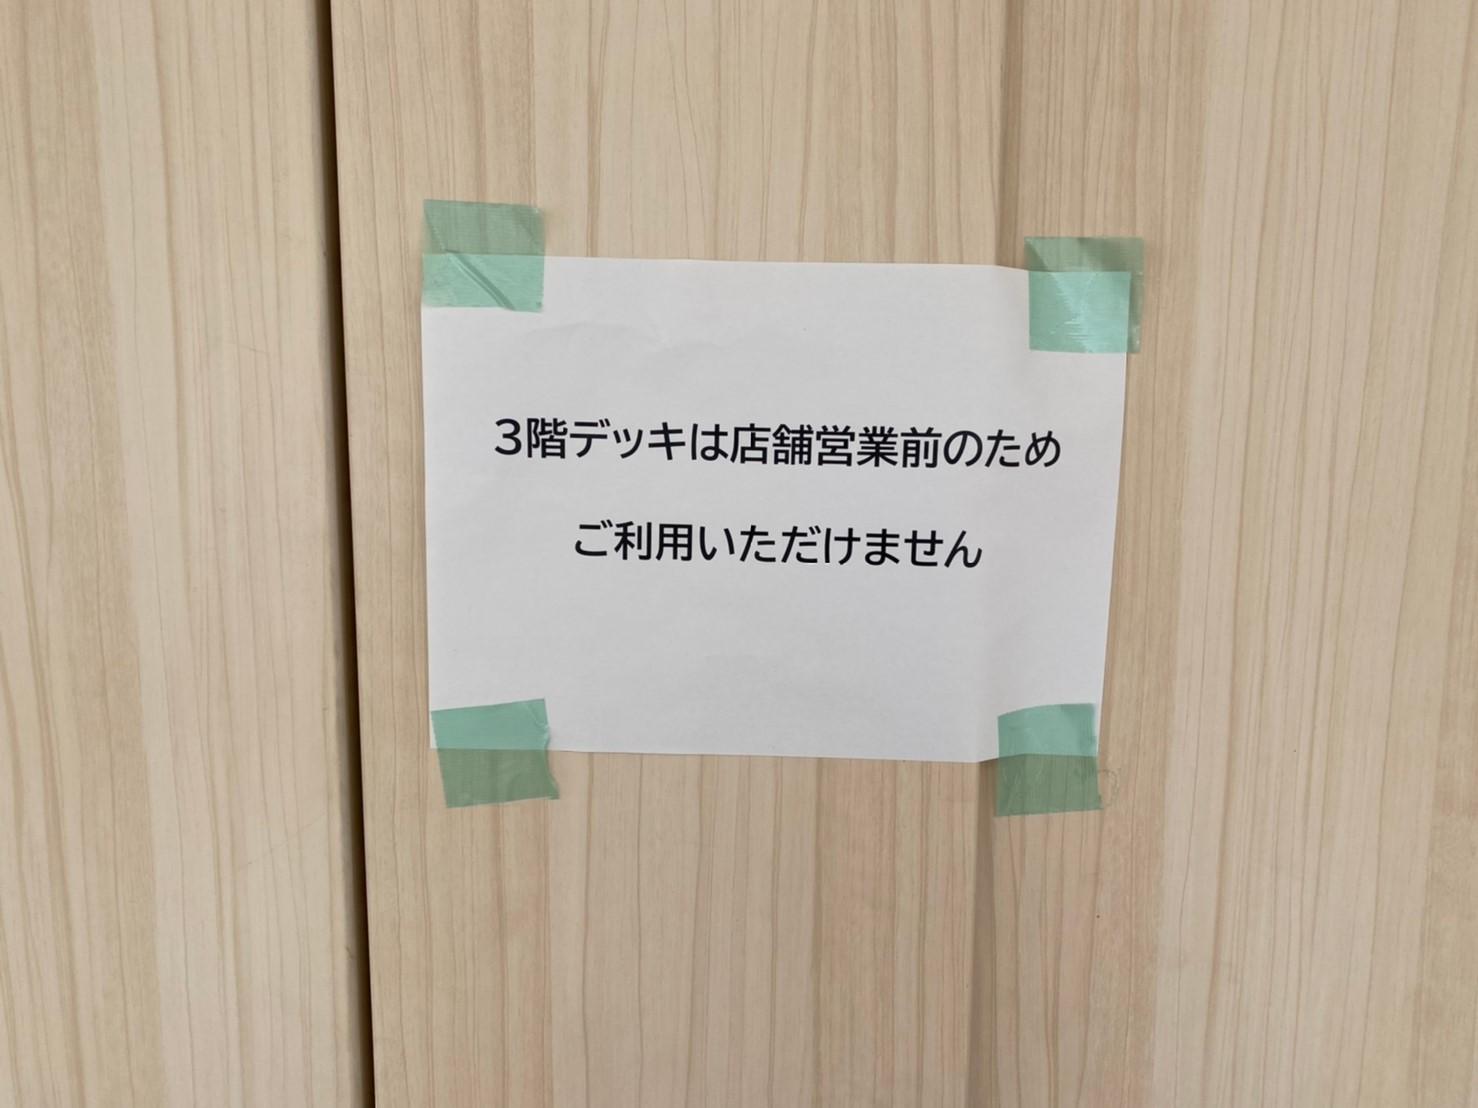 3階デッキは店舗営業前のためご利用いただけません。